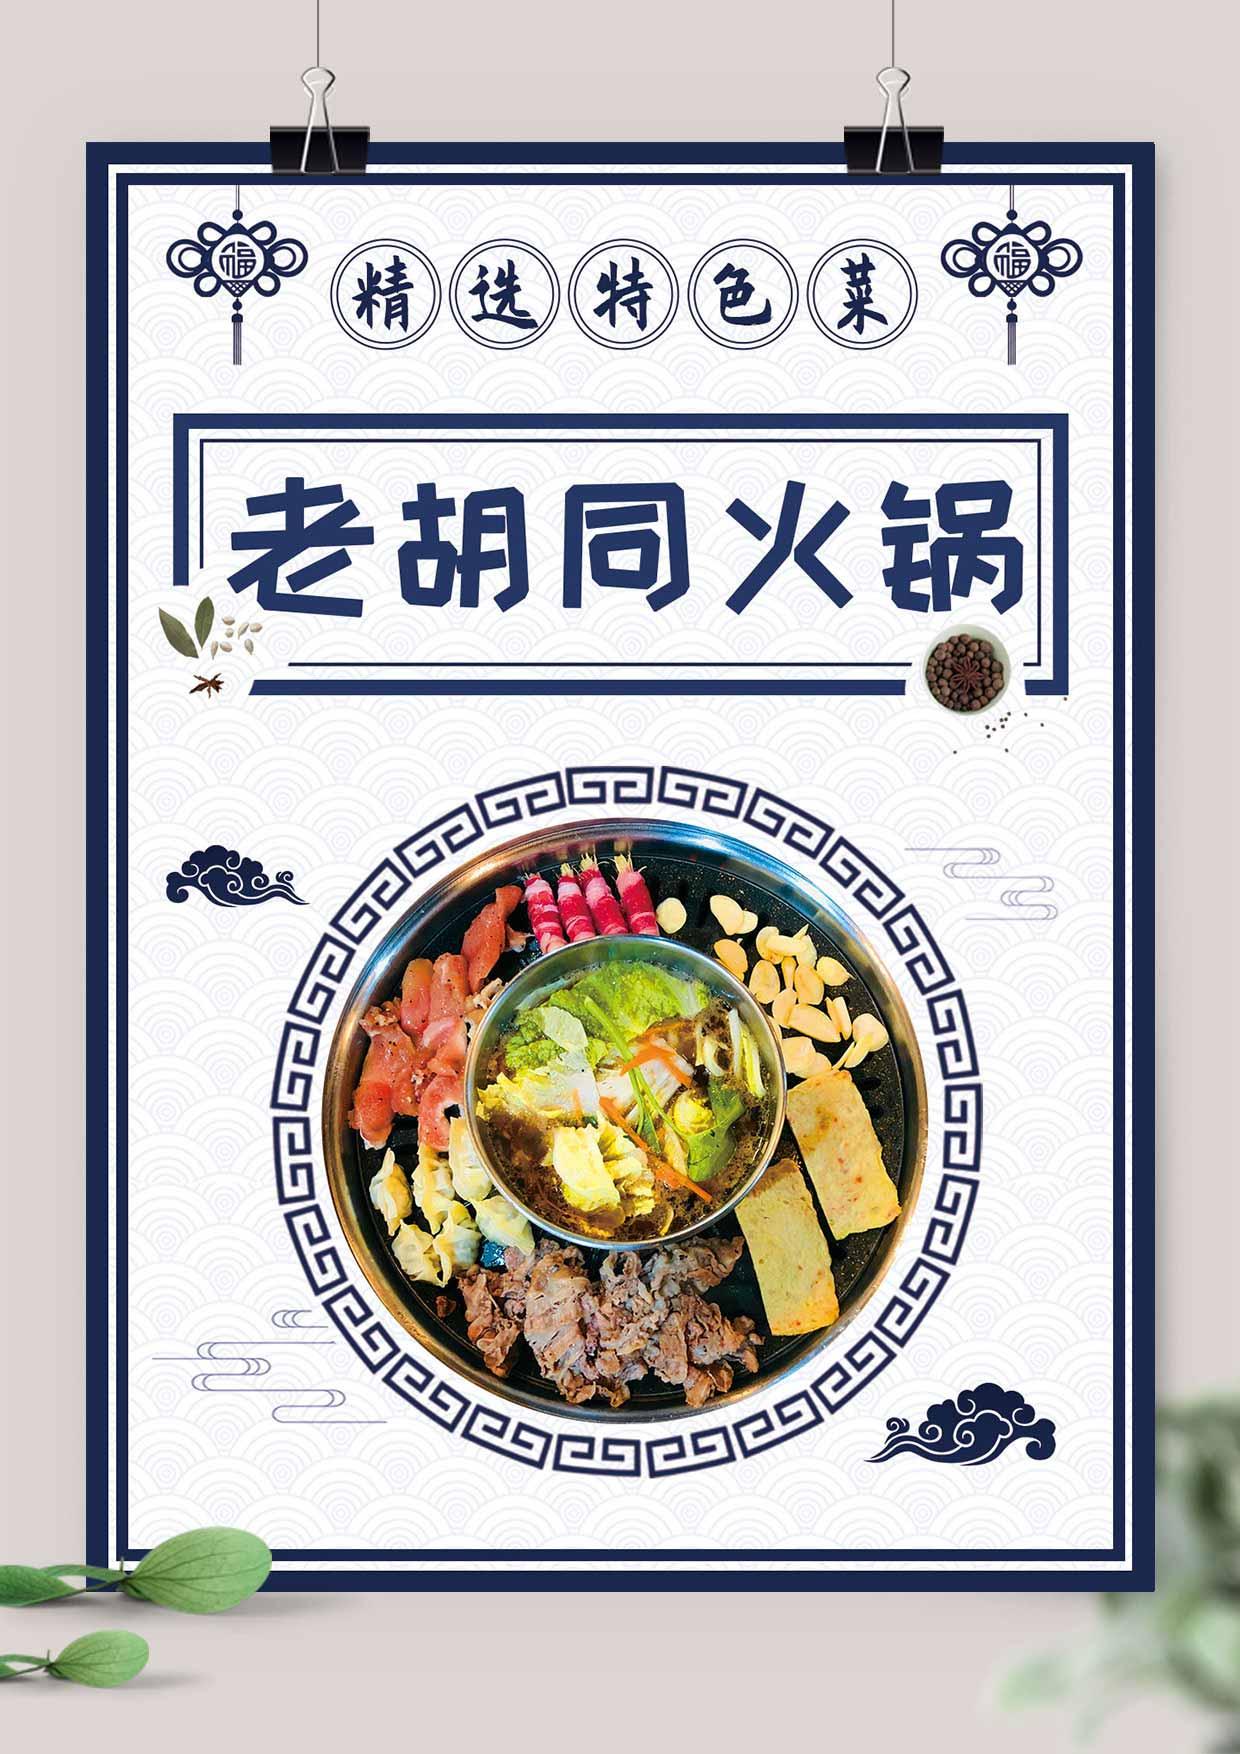 蓝色复古火锅店封面设计宣传海报